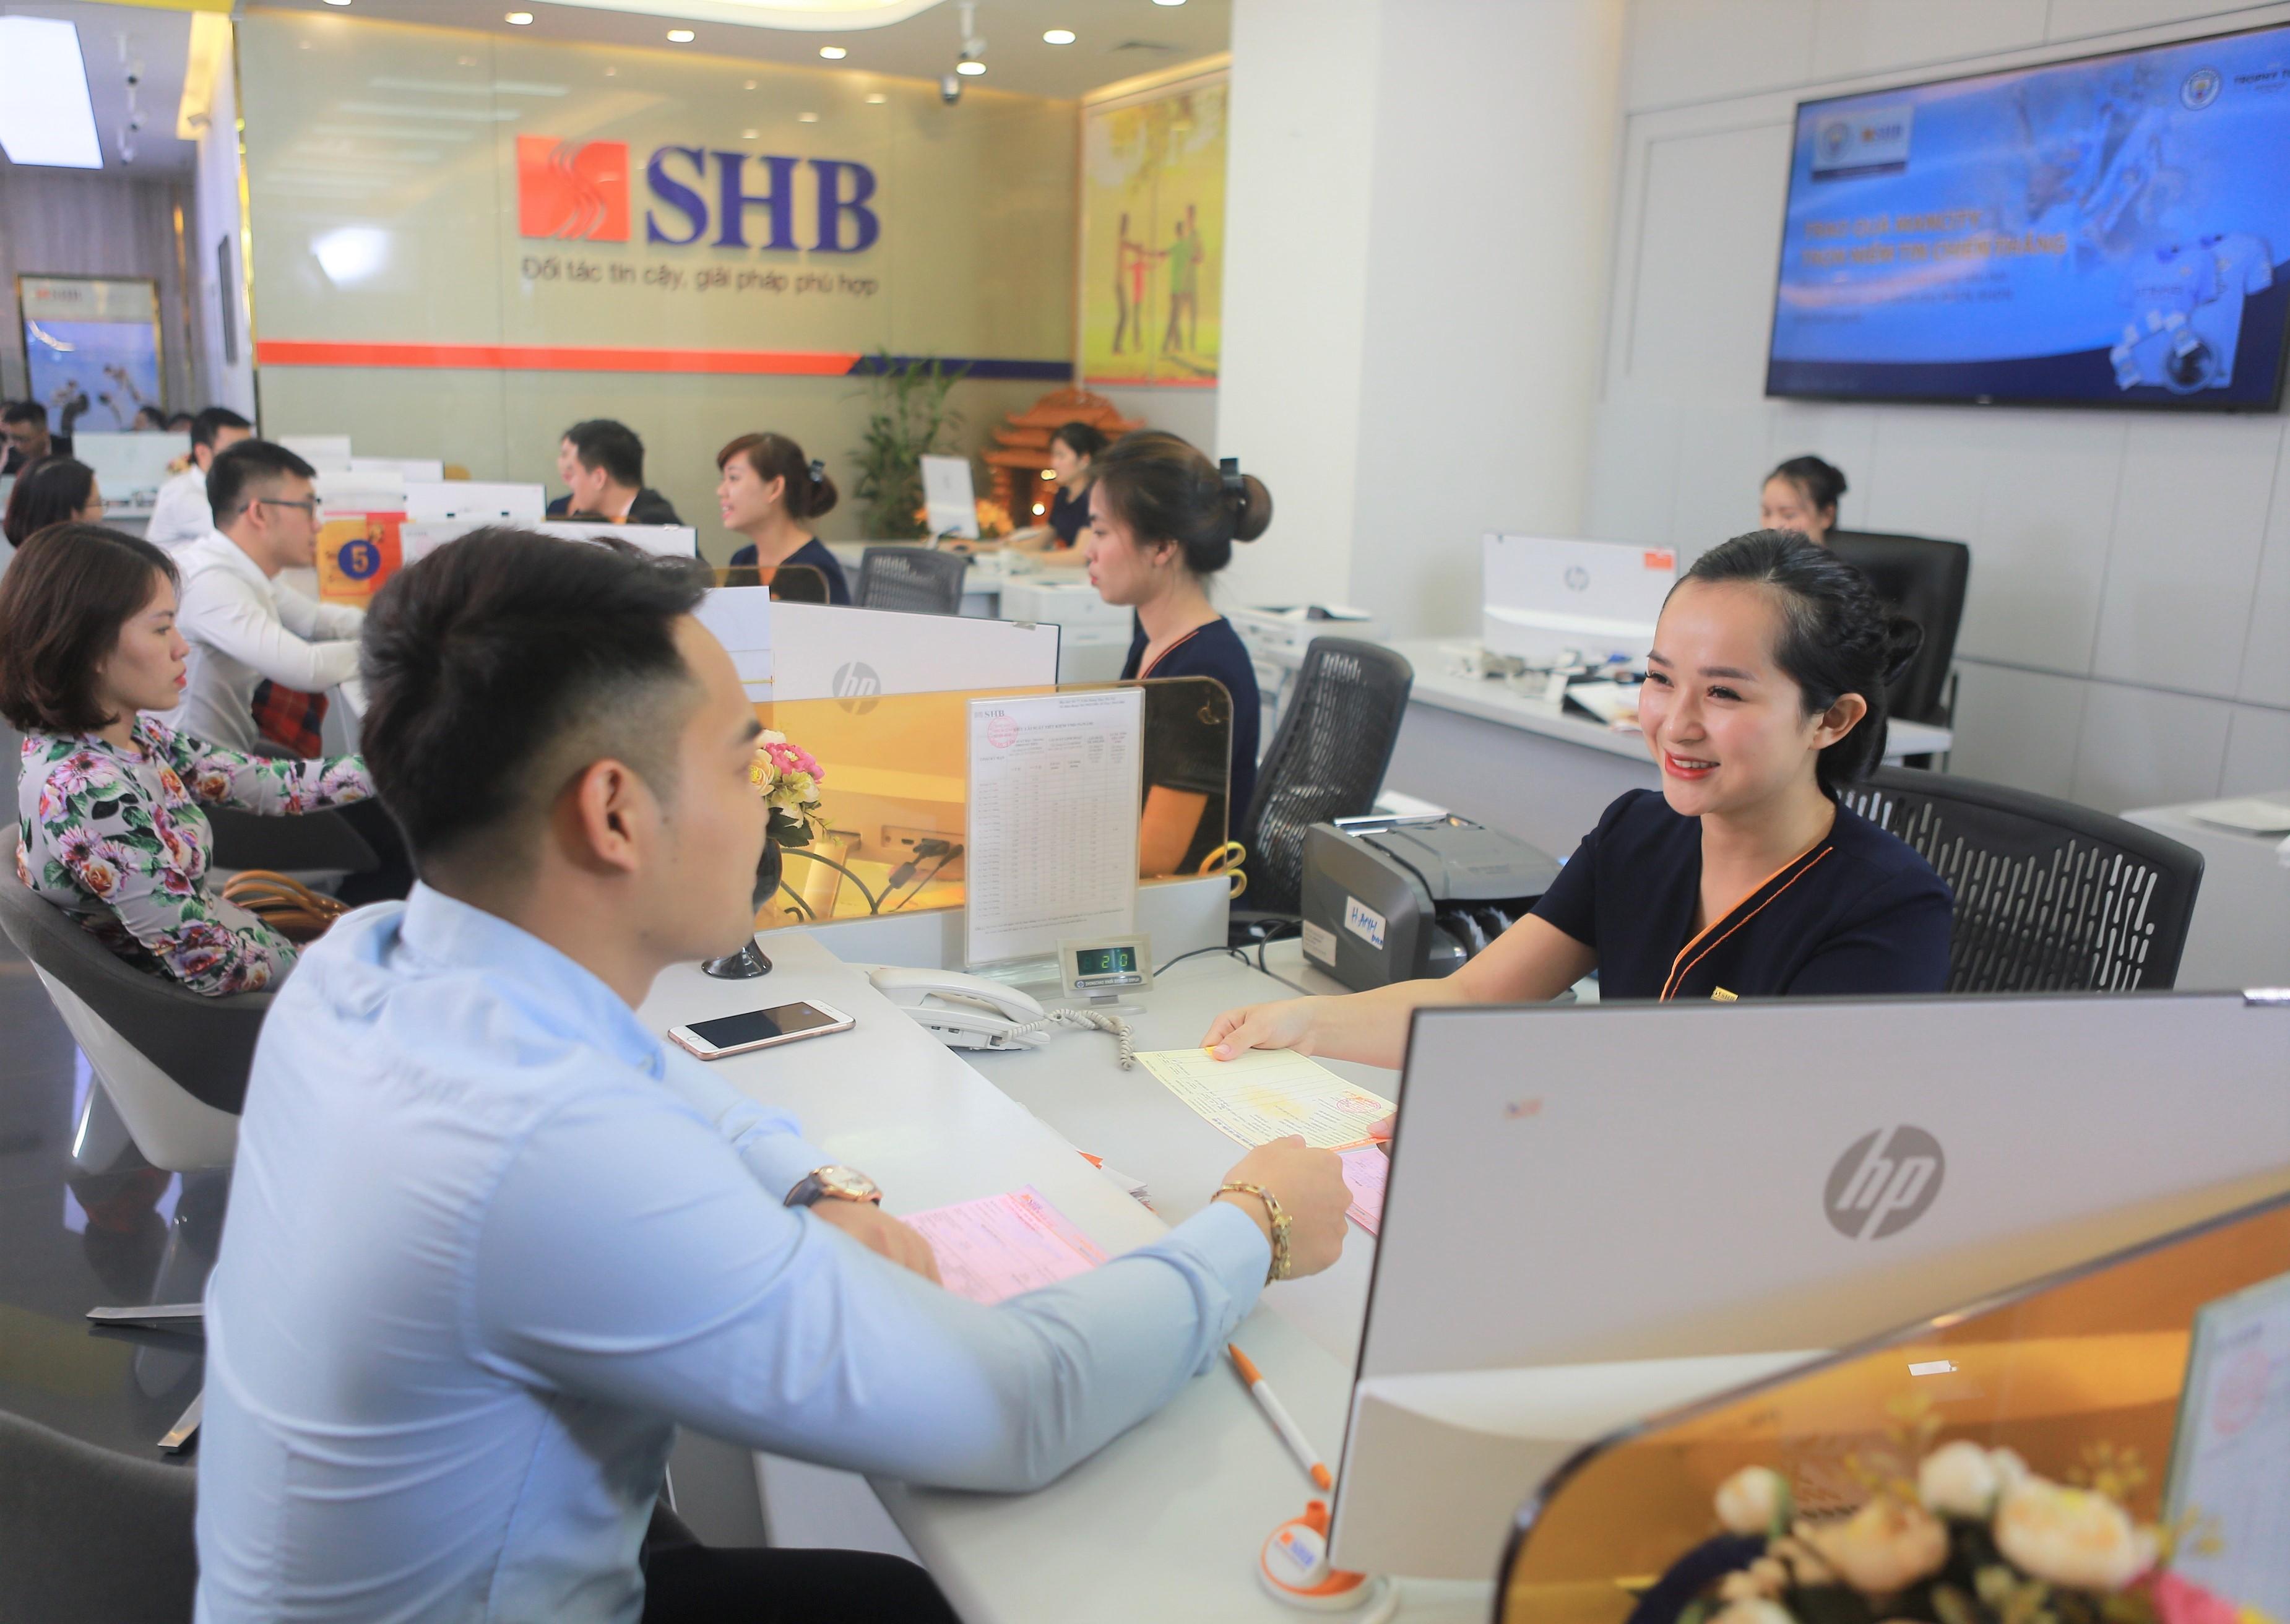 """SHB tổ chức cuộc thi ý tưởng thiết kế bộ ấn phẩm xuân 2020: """"Sáng tạo không giới hạn"""" - Ảnh 2"""